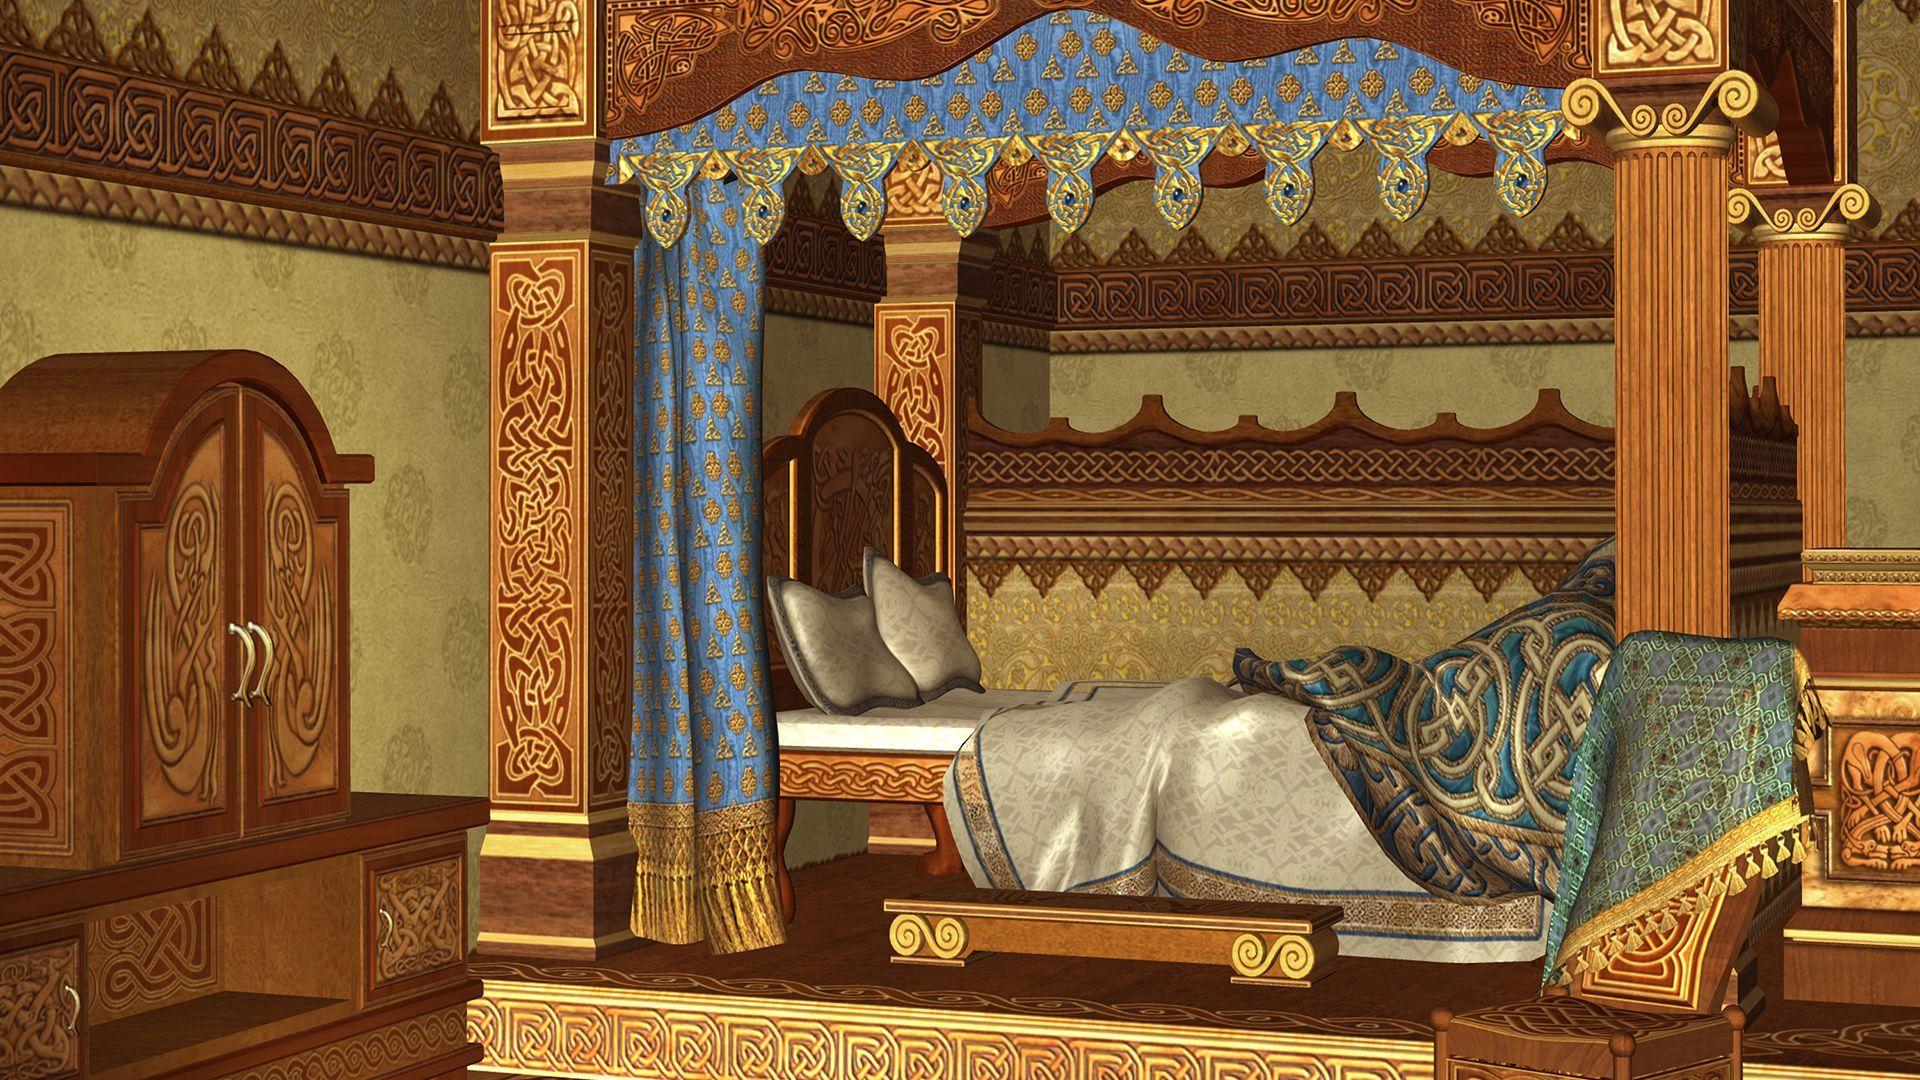 Een slaapkamer zoals deze in de Middeleeuwen gewoon was bij de rijken.